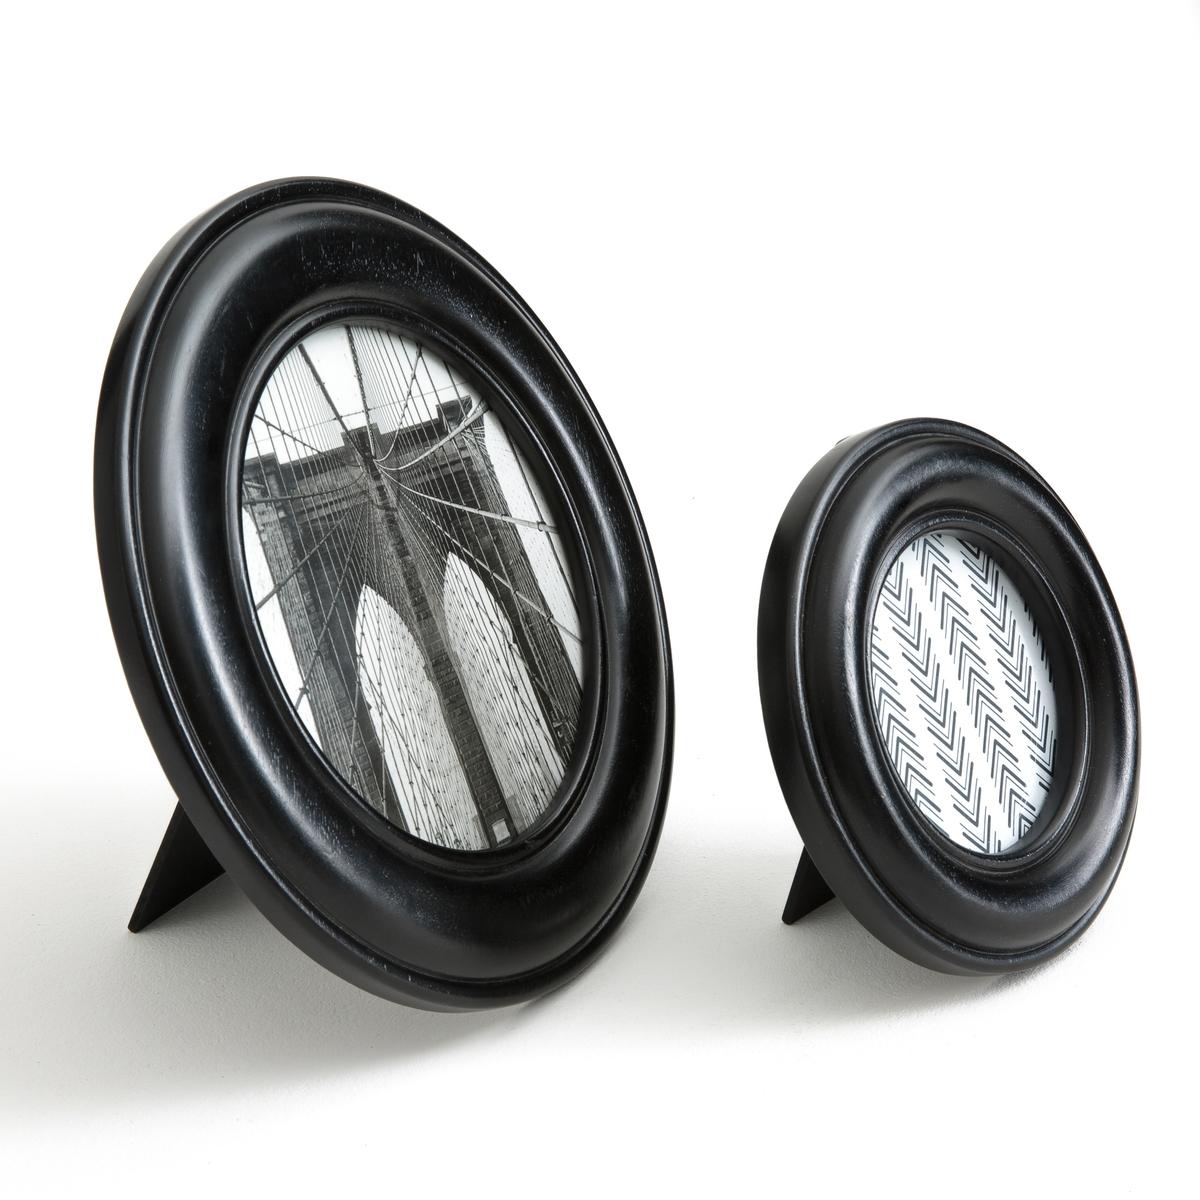 2 рамки круглые OKOКруглые рамки Oko. Продаются в комплекте из 2 штук (1 большая, 1 маленькая). Для размещения ваших любимых фотографий и репродукций !Описание рамки Oko :Елки можно поставить на стол или подвесить к потолку или люстре..Из МДФ, покрытого черной краской .2 крючка для крепления к стене (болты и дюбели в комплект не входят).Размер рамки Oko :Маленькая модель : диаметр 20 см .Большая модель : диаметр 30 см .<br><br>Цвет: черный